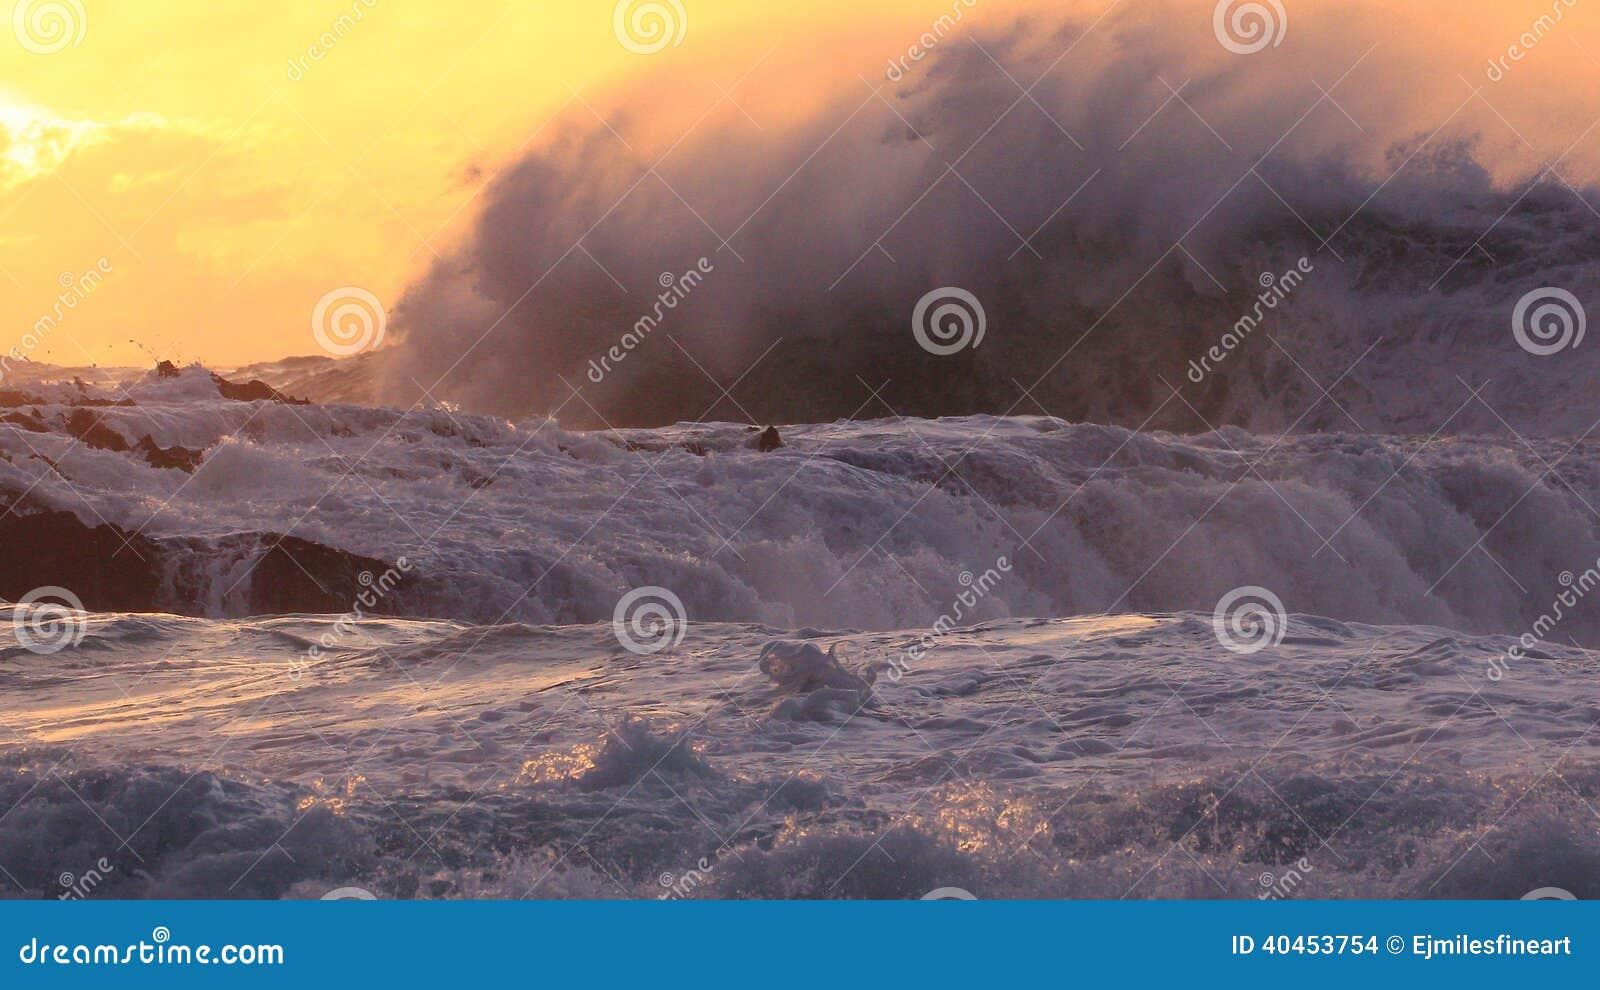 Τεράστια ωκεάνια κυματωγή που συντρίβει πέρα από τους βράχους στο ηλιοβασίλεμα